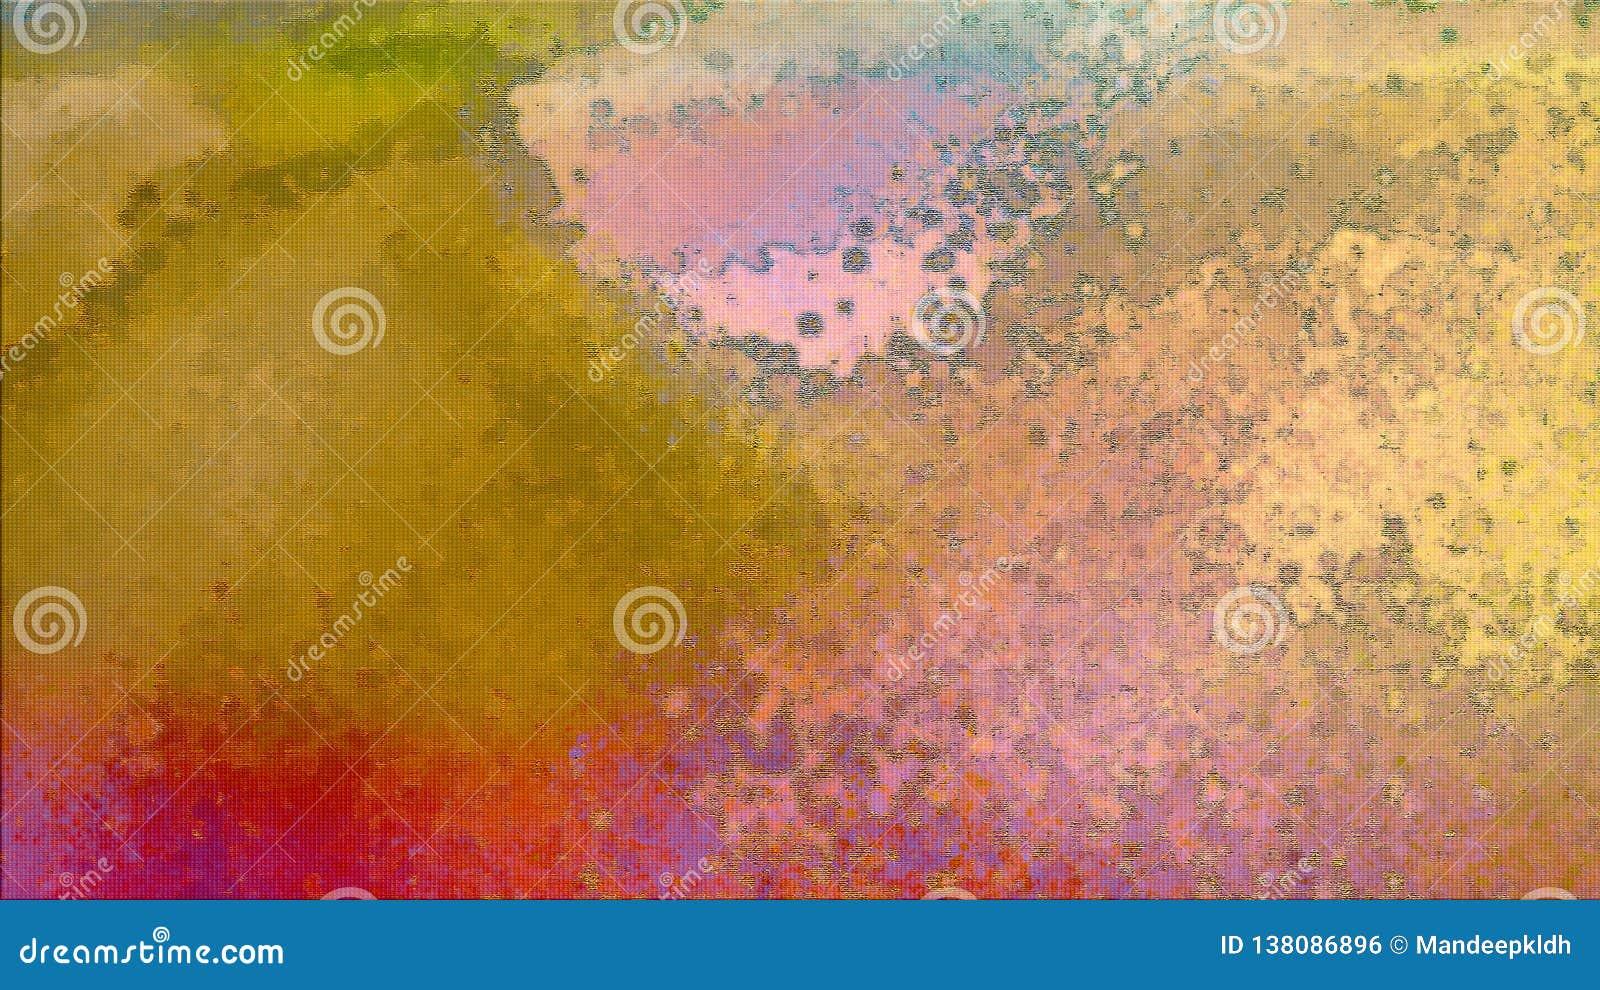 το έμβλημα χρωματίζει τα πλέγματα απεικόνισης καμπυλών κανένα διανυσματικό λευκό ουράνιων τόξων αφηρημένο χέρι ανασκόπησης &pi Ακ